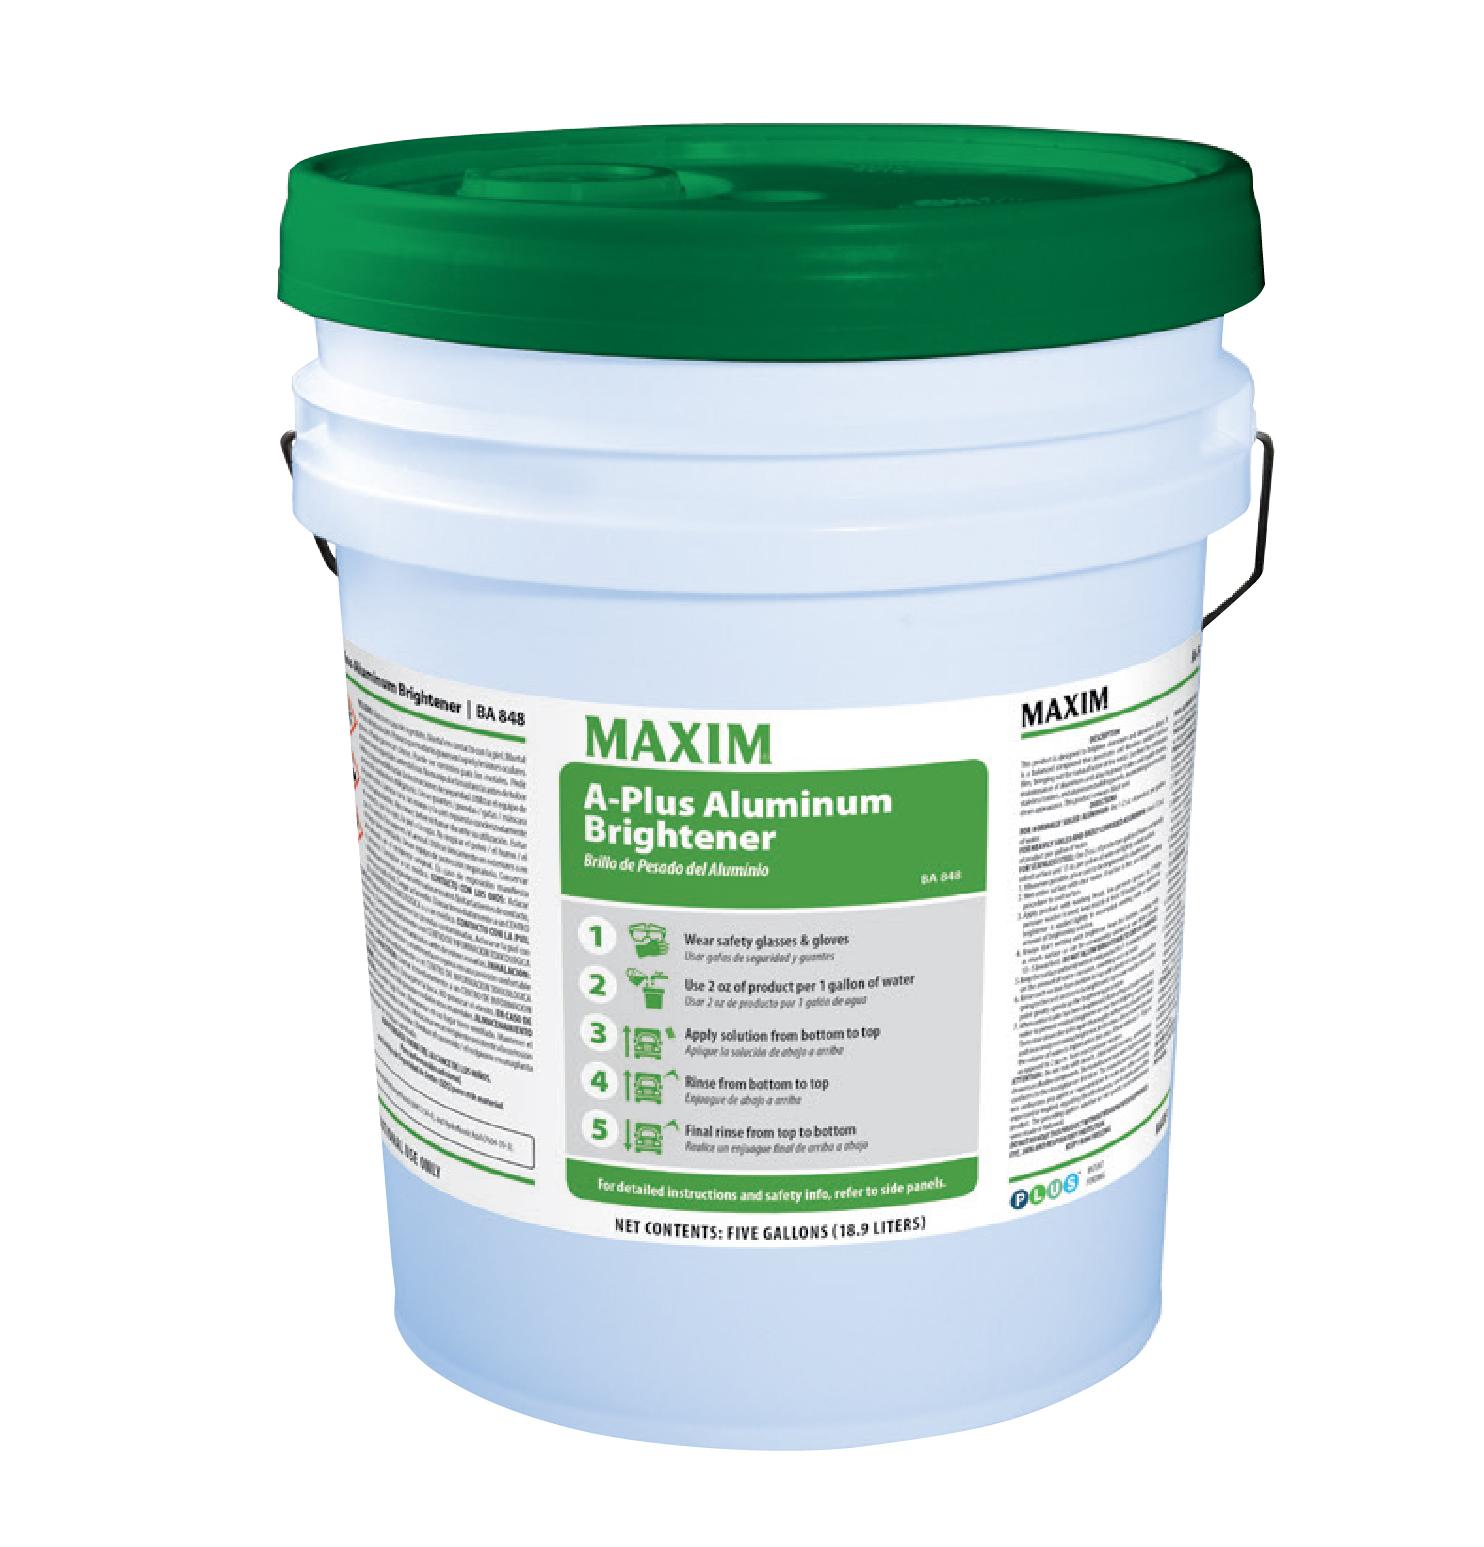 Maxim A-Plus Aluminum Brightener - 5 Gal. ea